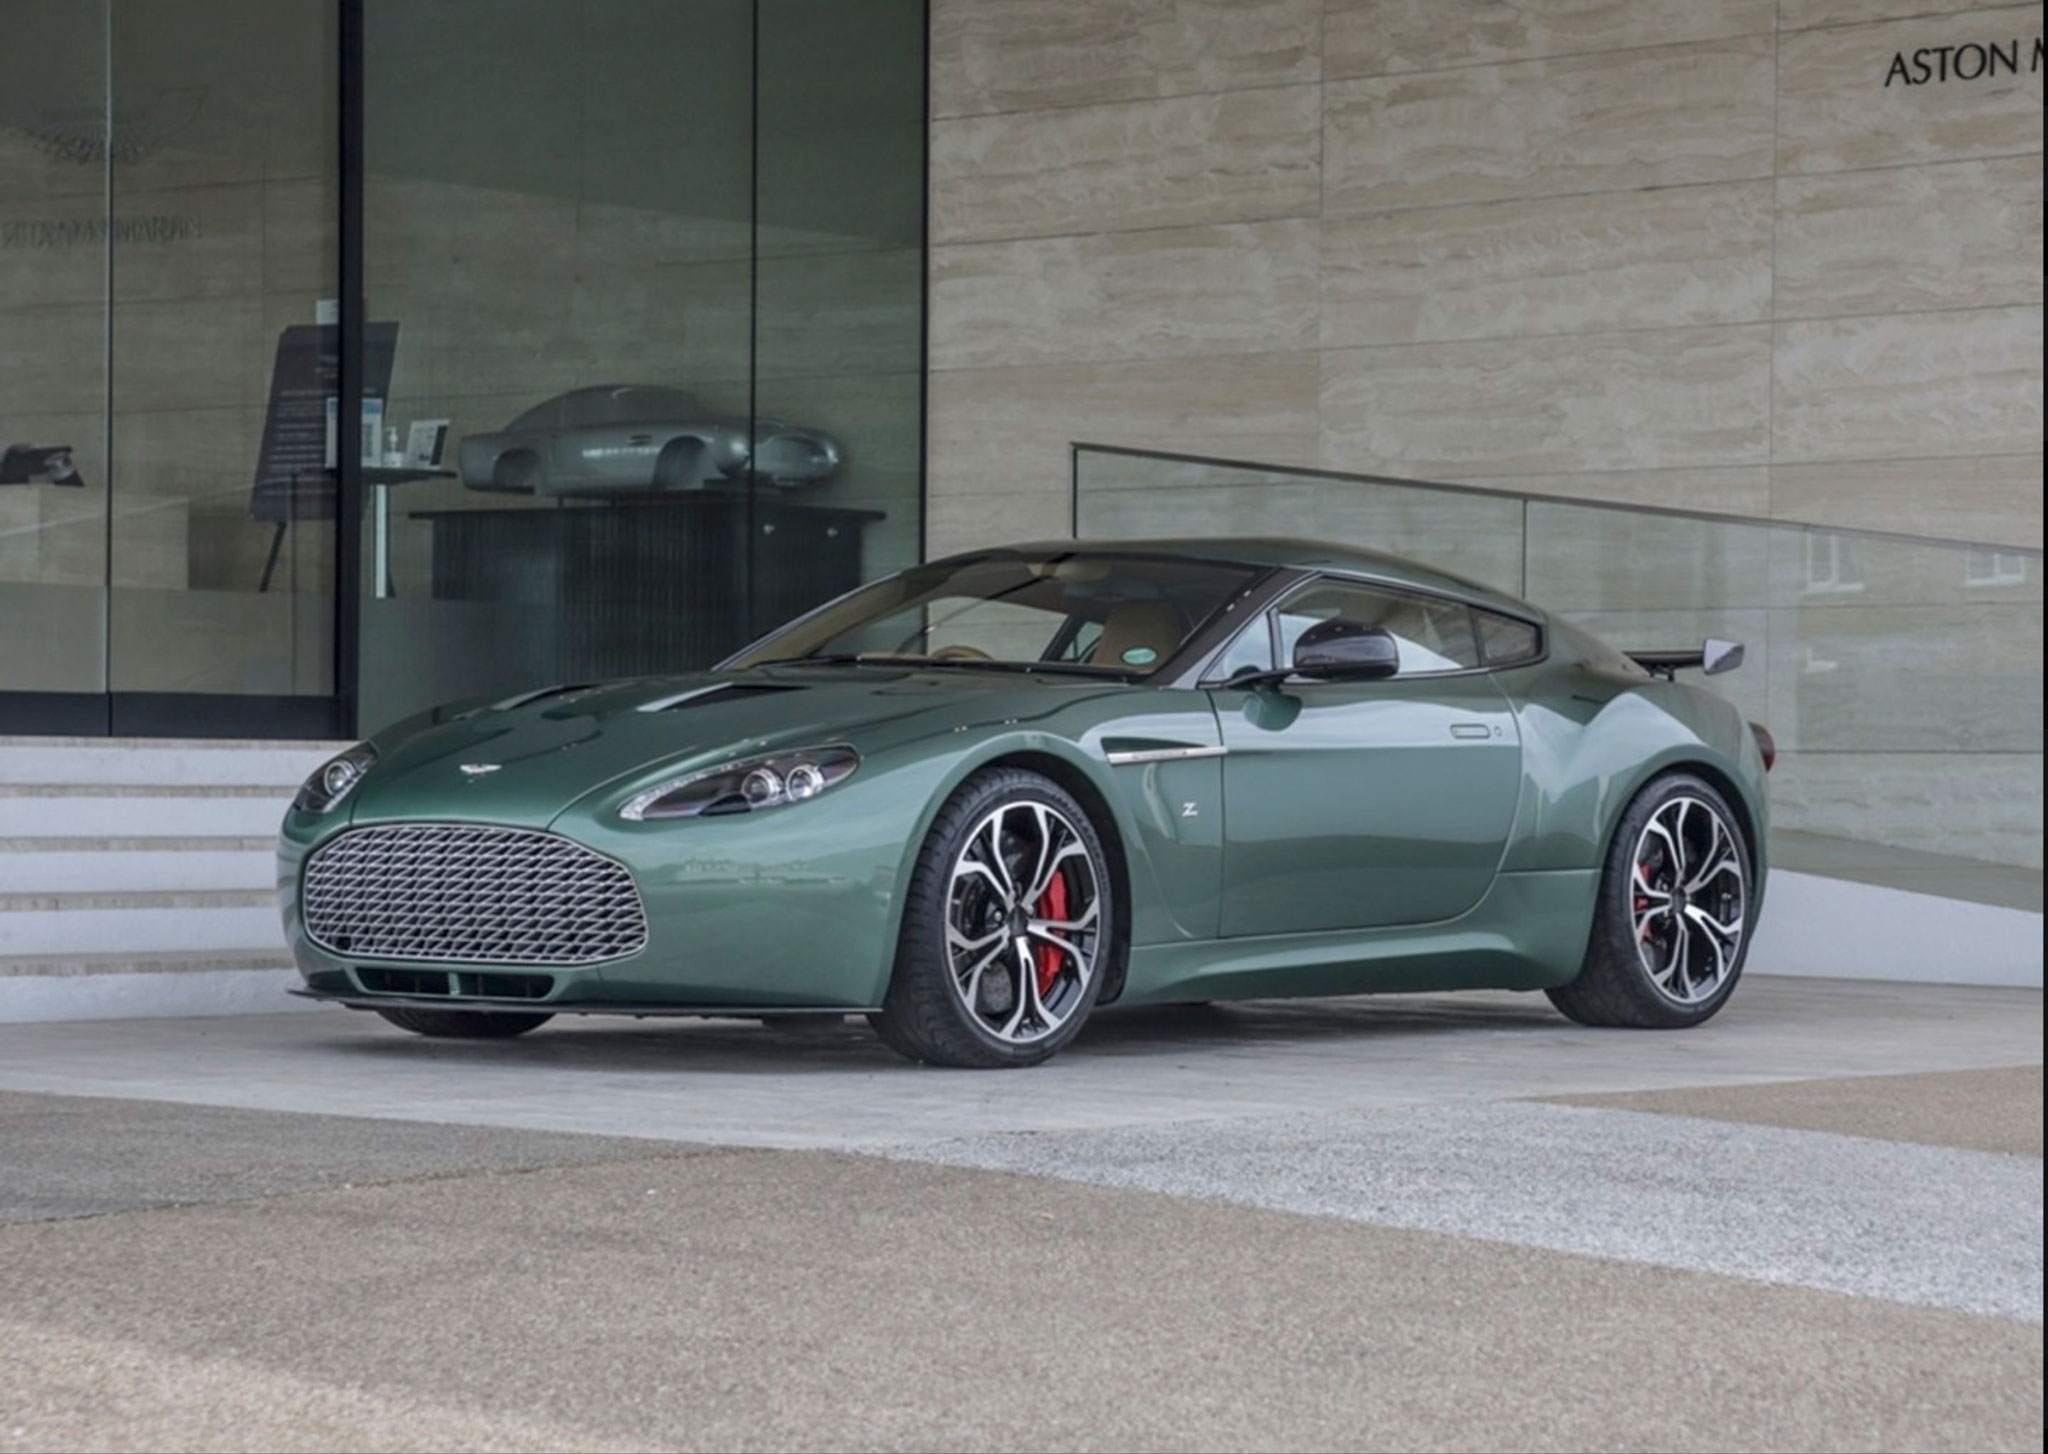 2011 Aston Martin V12 Zagato Prototype de route.